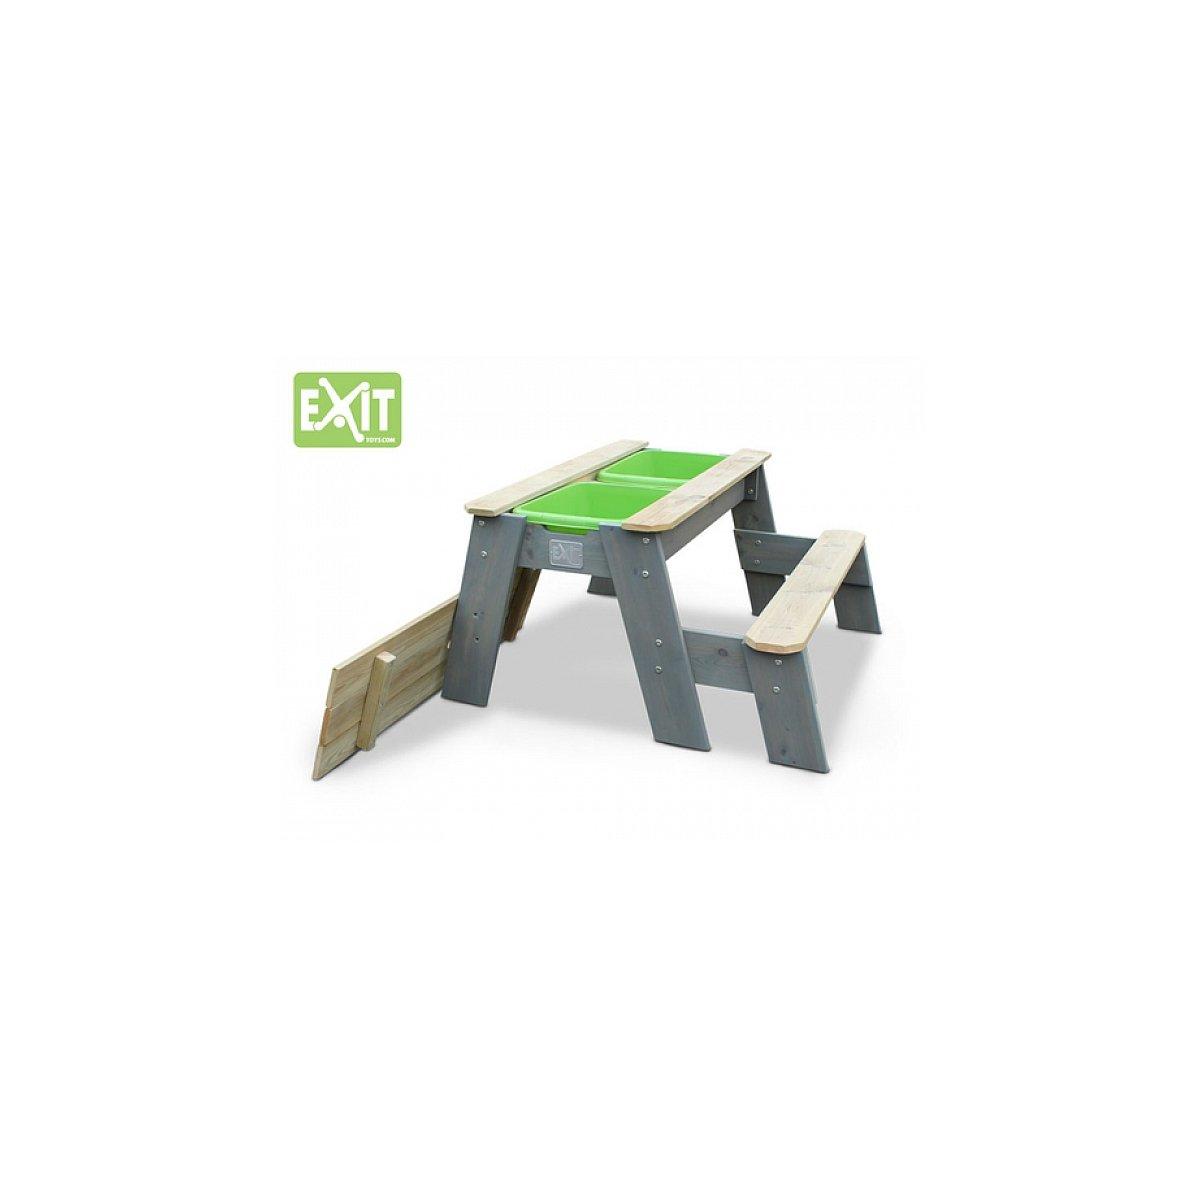 Exit Sand- und Wasserspieltisch mit Bank